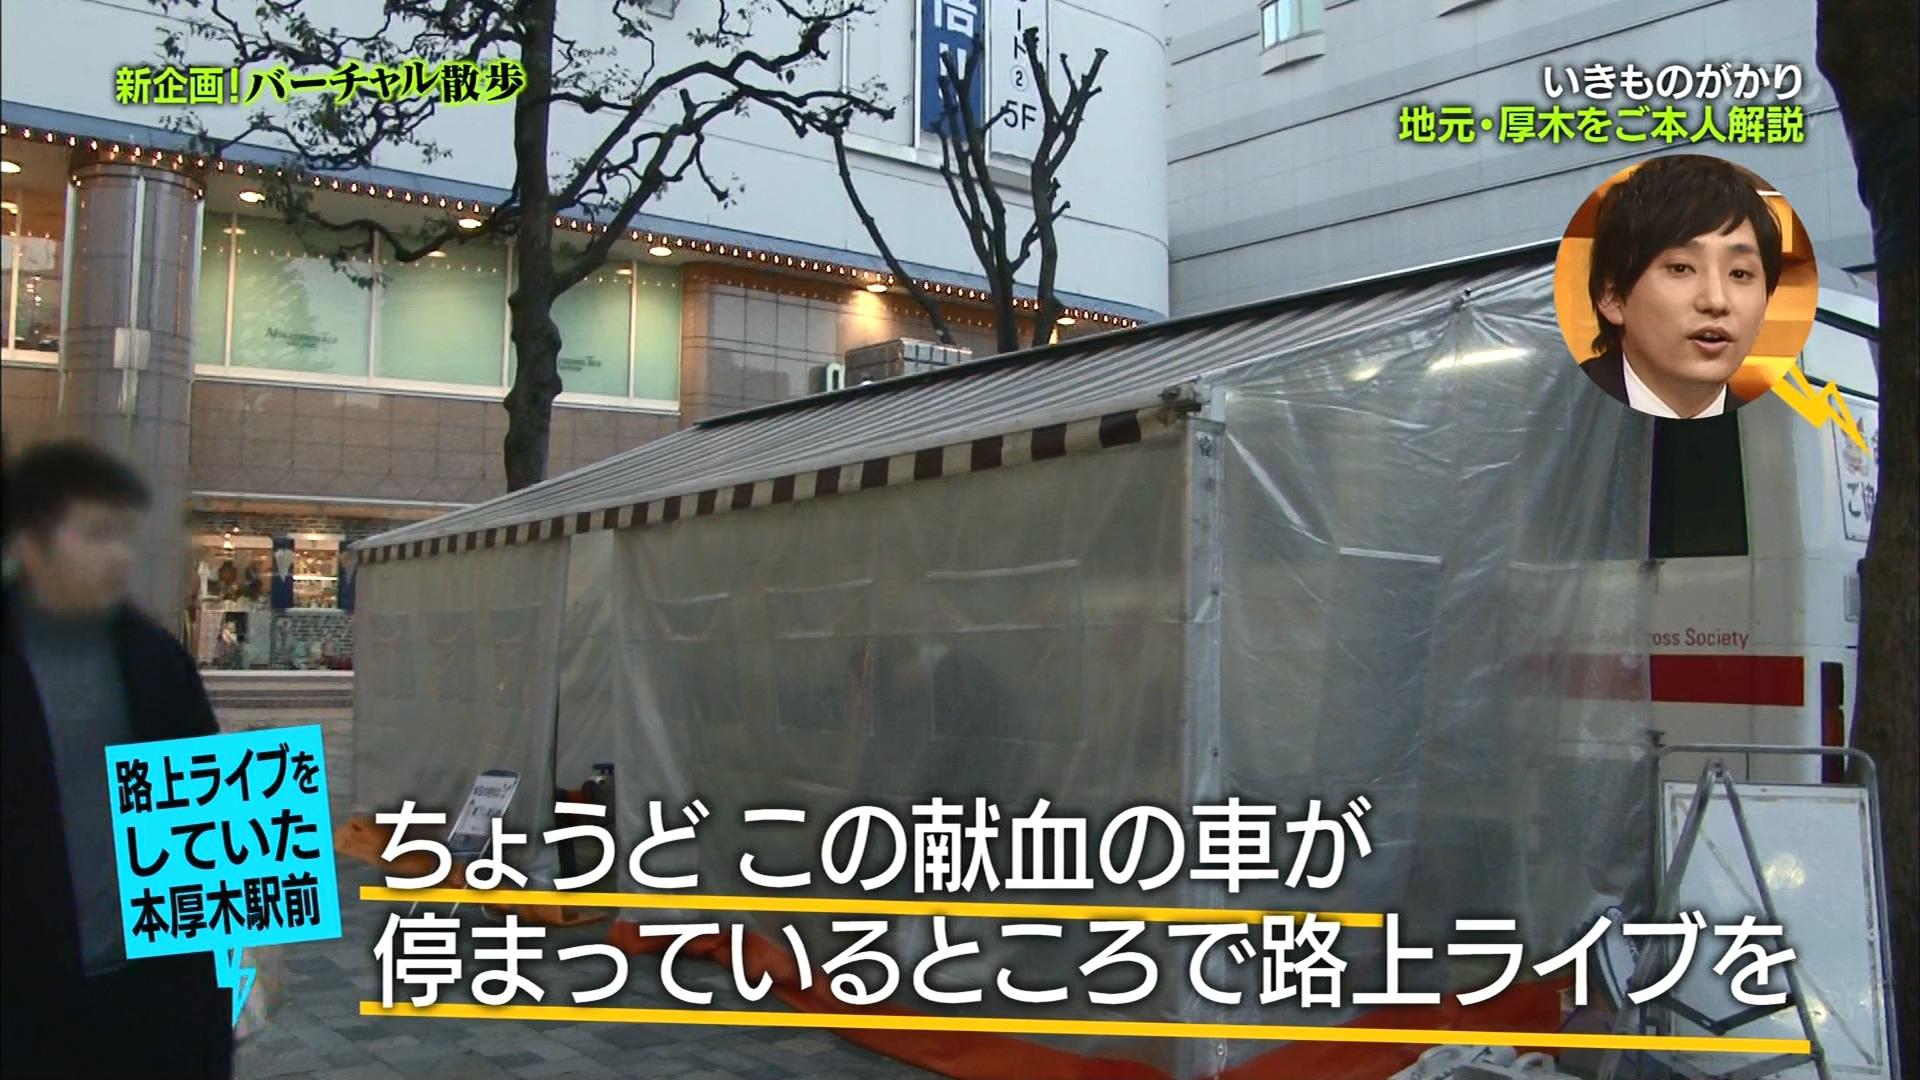 2016.03.11 全場(バズリズム).ts_20160312_024732.137